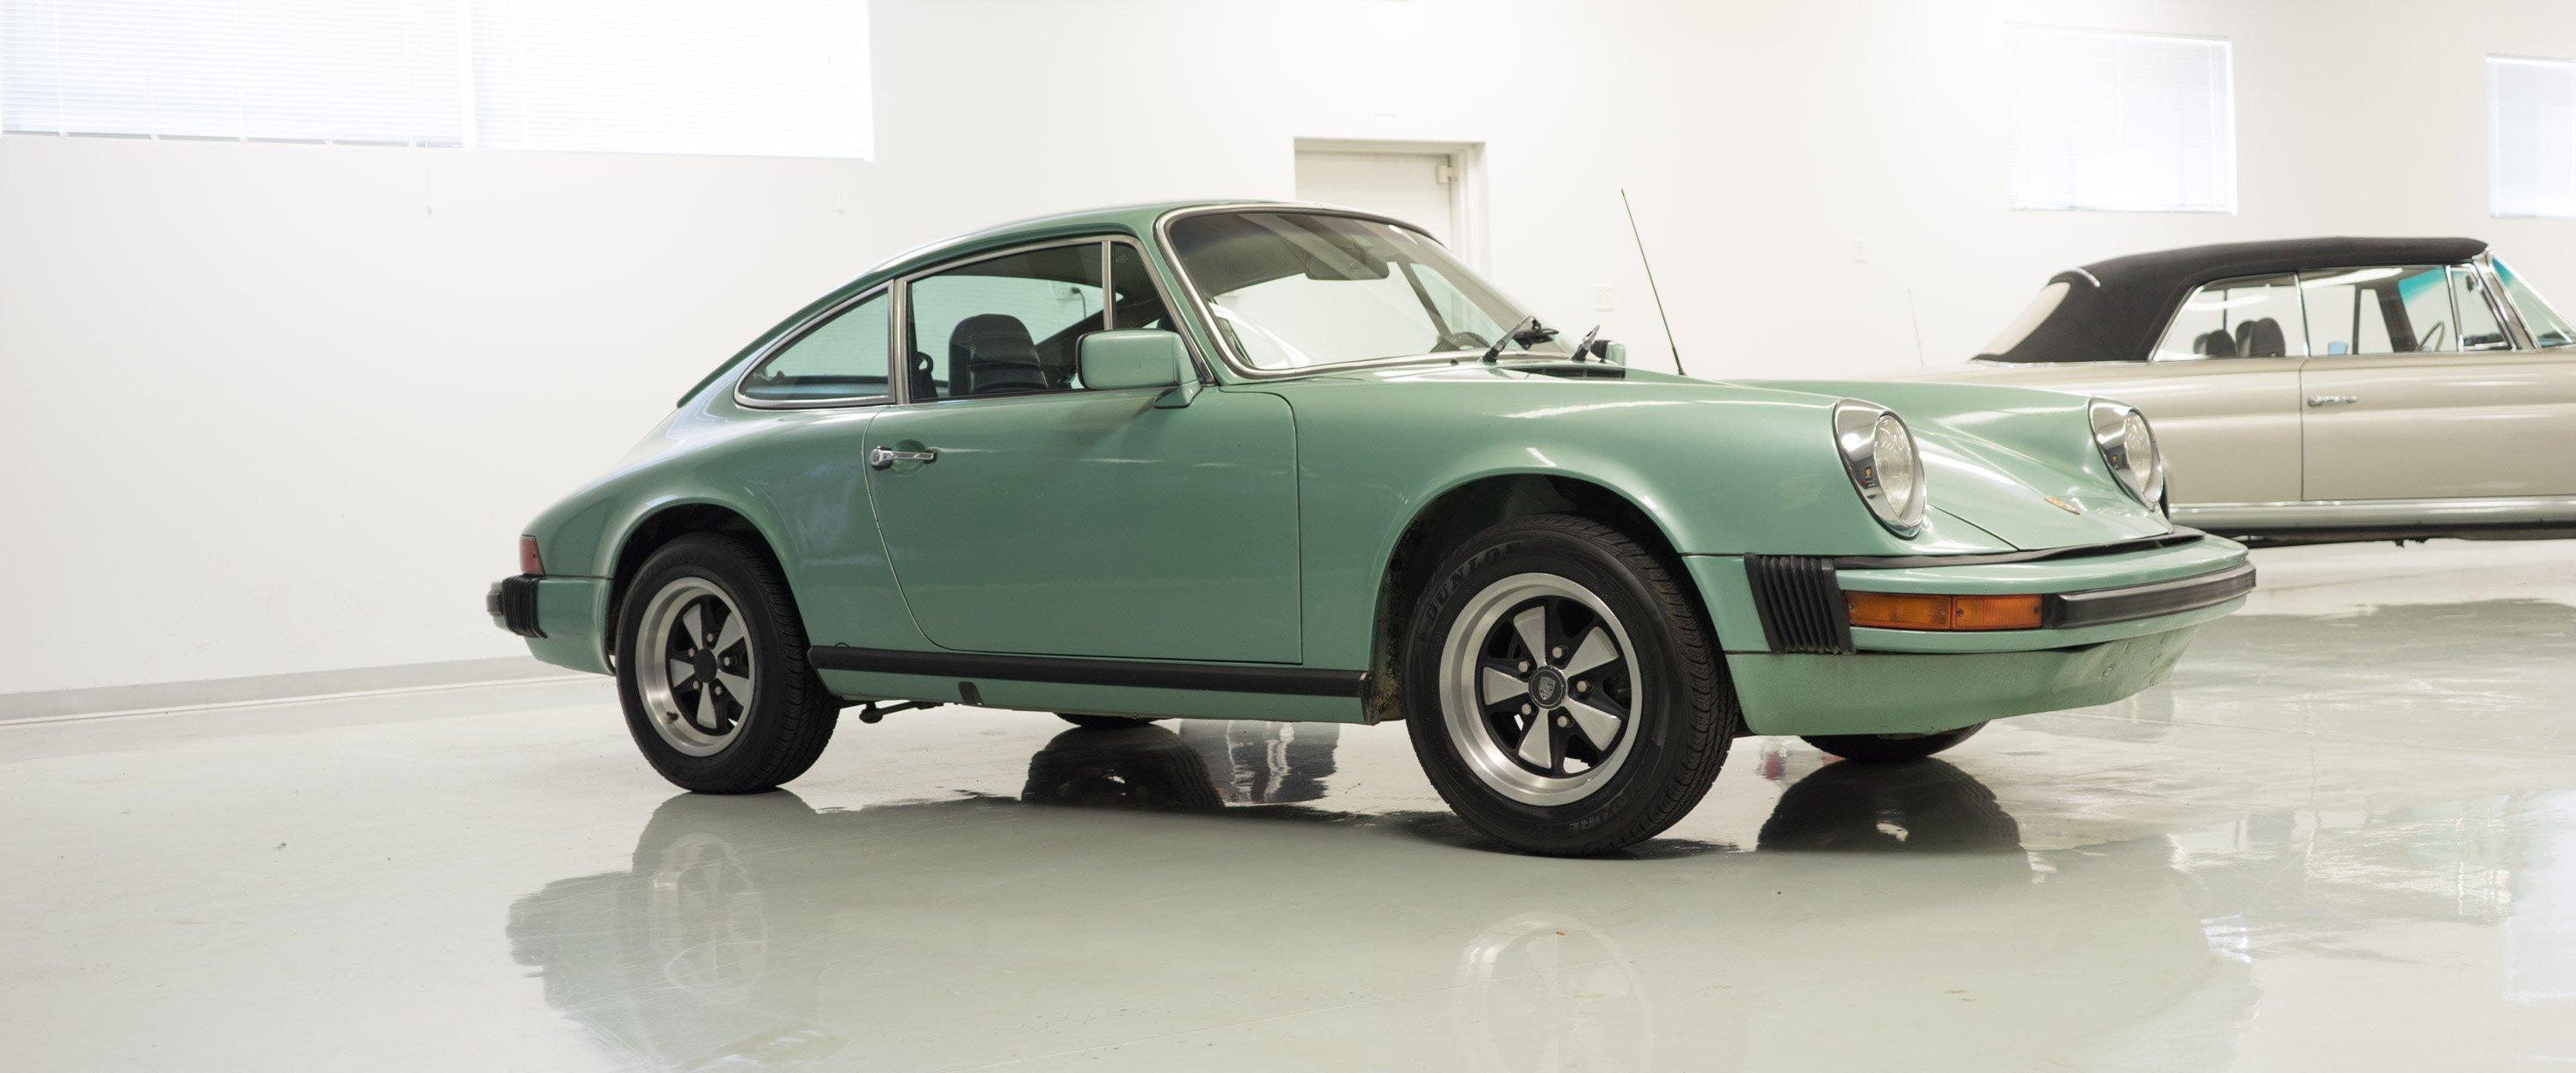 1977-Porsche-911S-Green-slideshow-003@2x